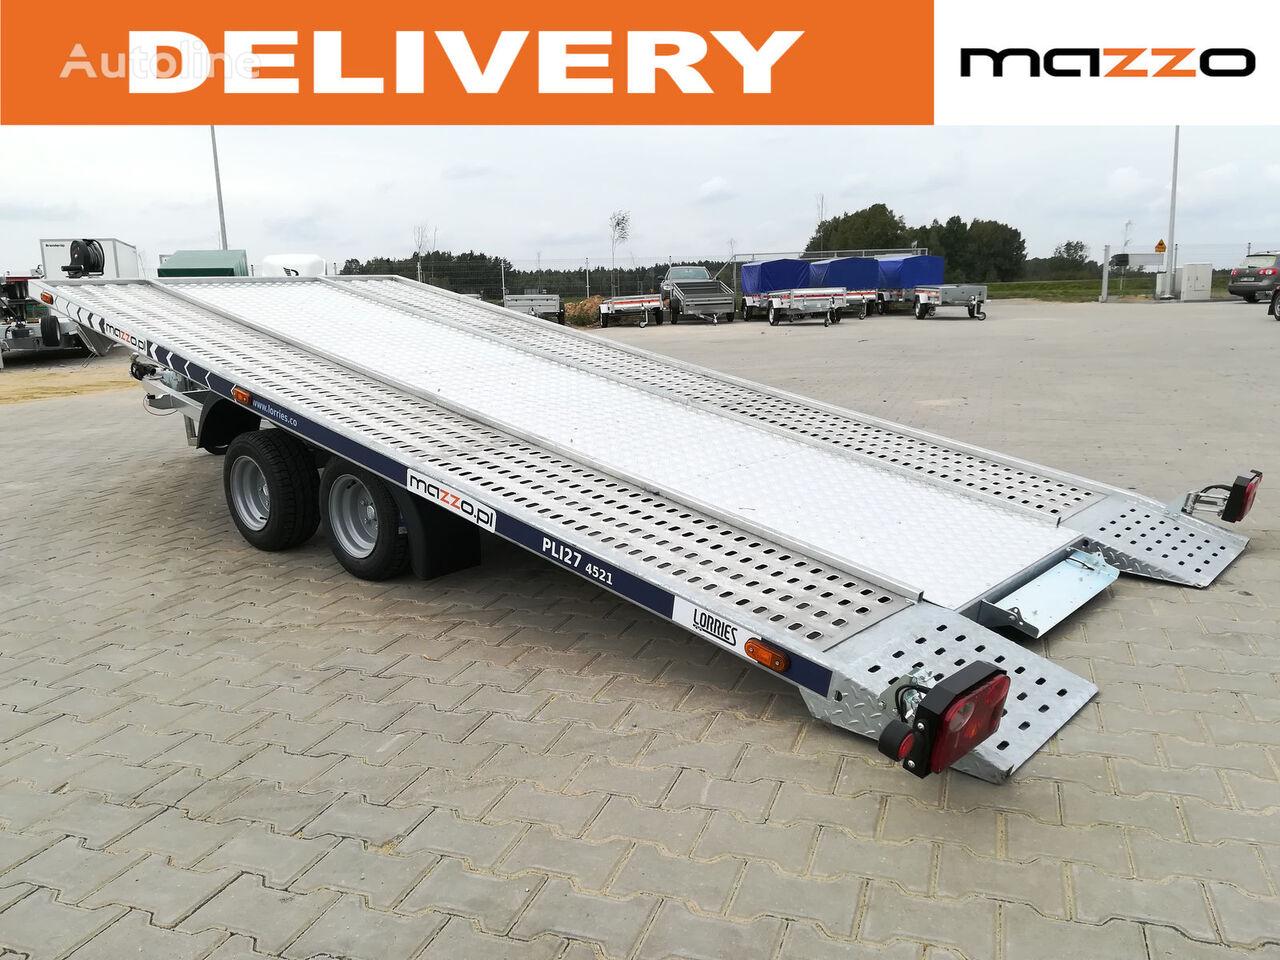 neuer PLI30-5021 500x210cm Autotransportanhänger